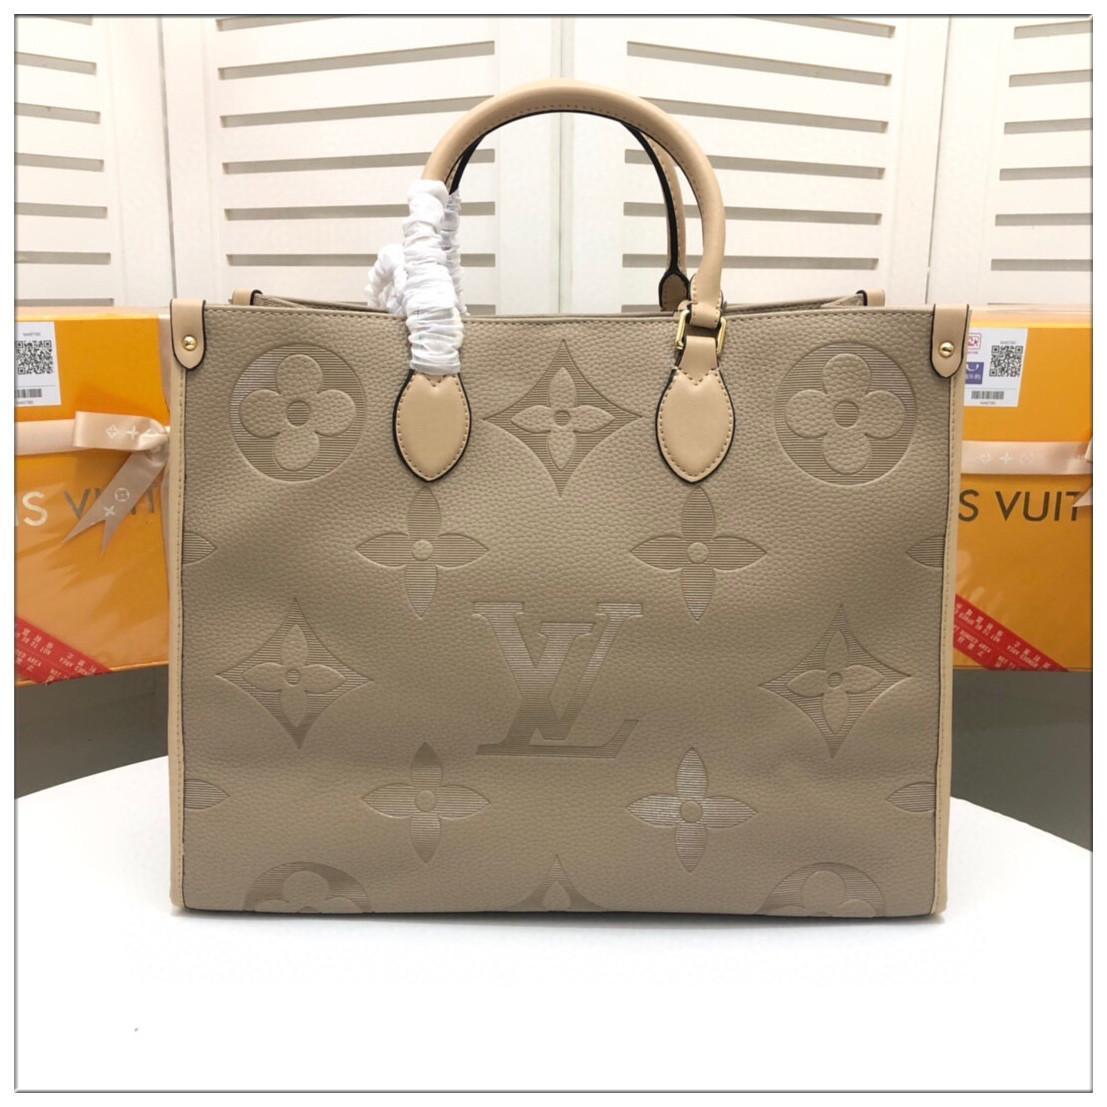 donne di tendenza borse di lusso in vera pelle tracolla borse di marca borse borsa della signora stilista tote sacchetto femminile superiore